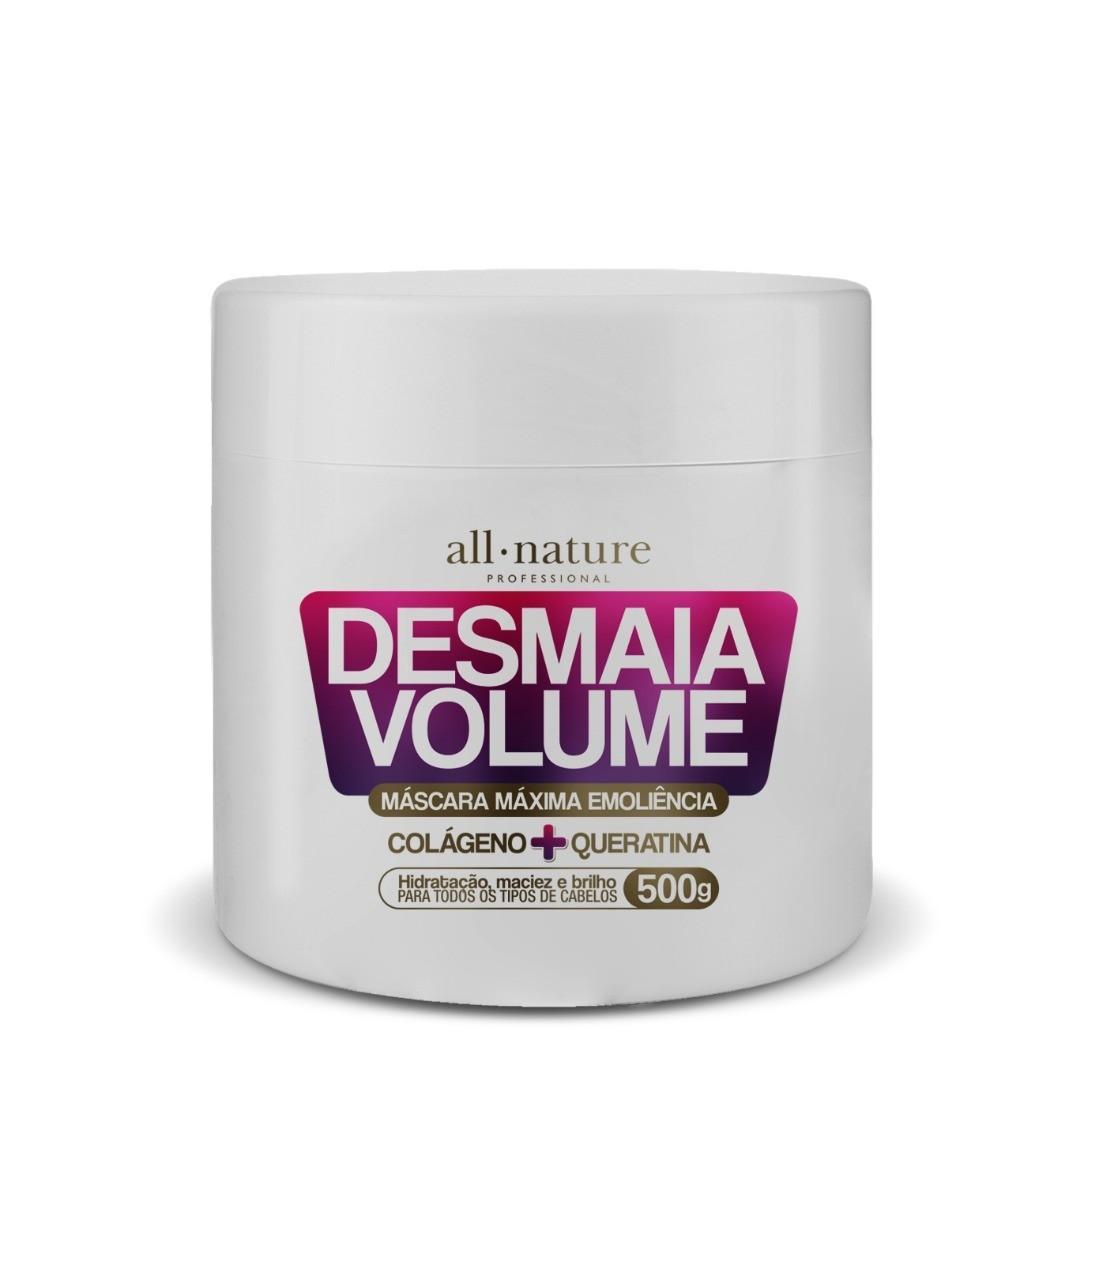 Máscara Desmaia Volume Colágeno E Queratina 500g All Nature - 3 UNIDS.